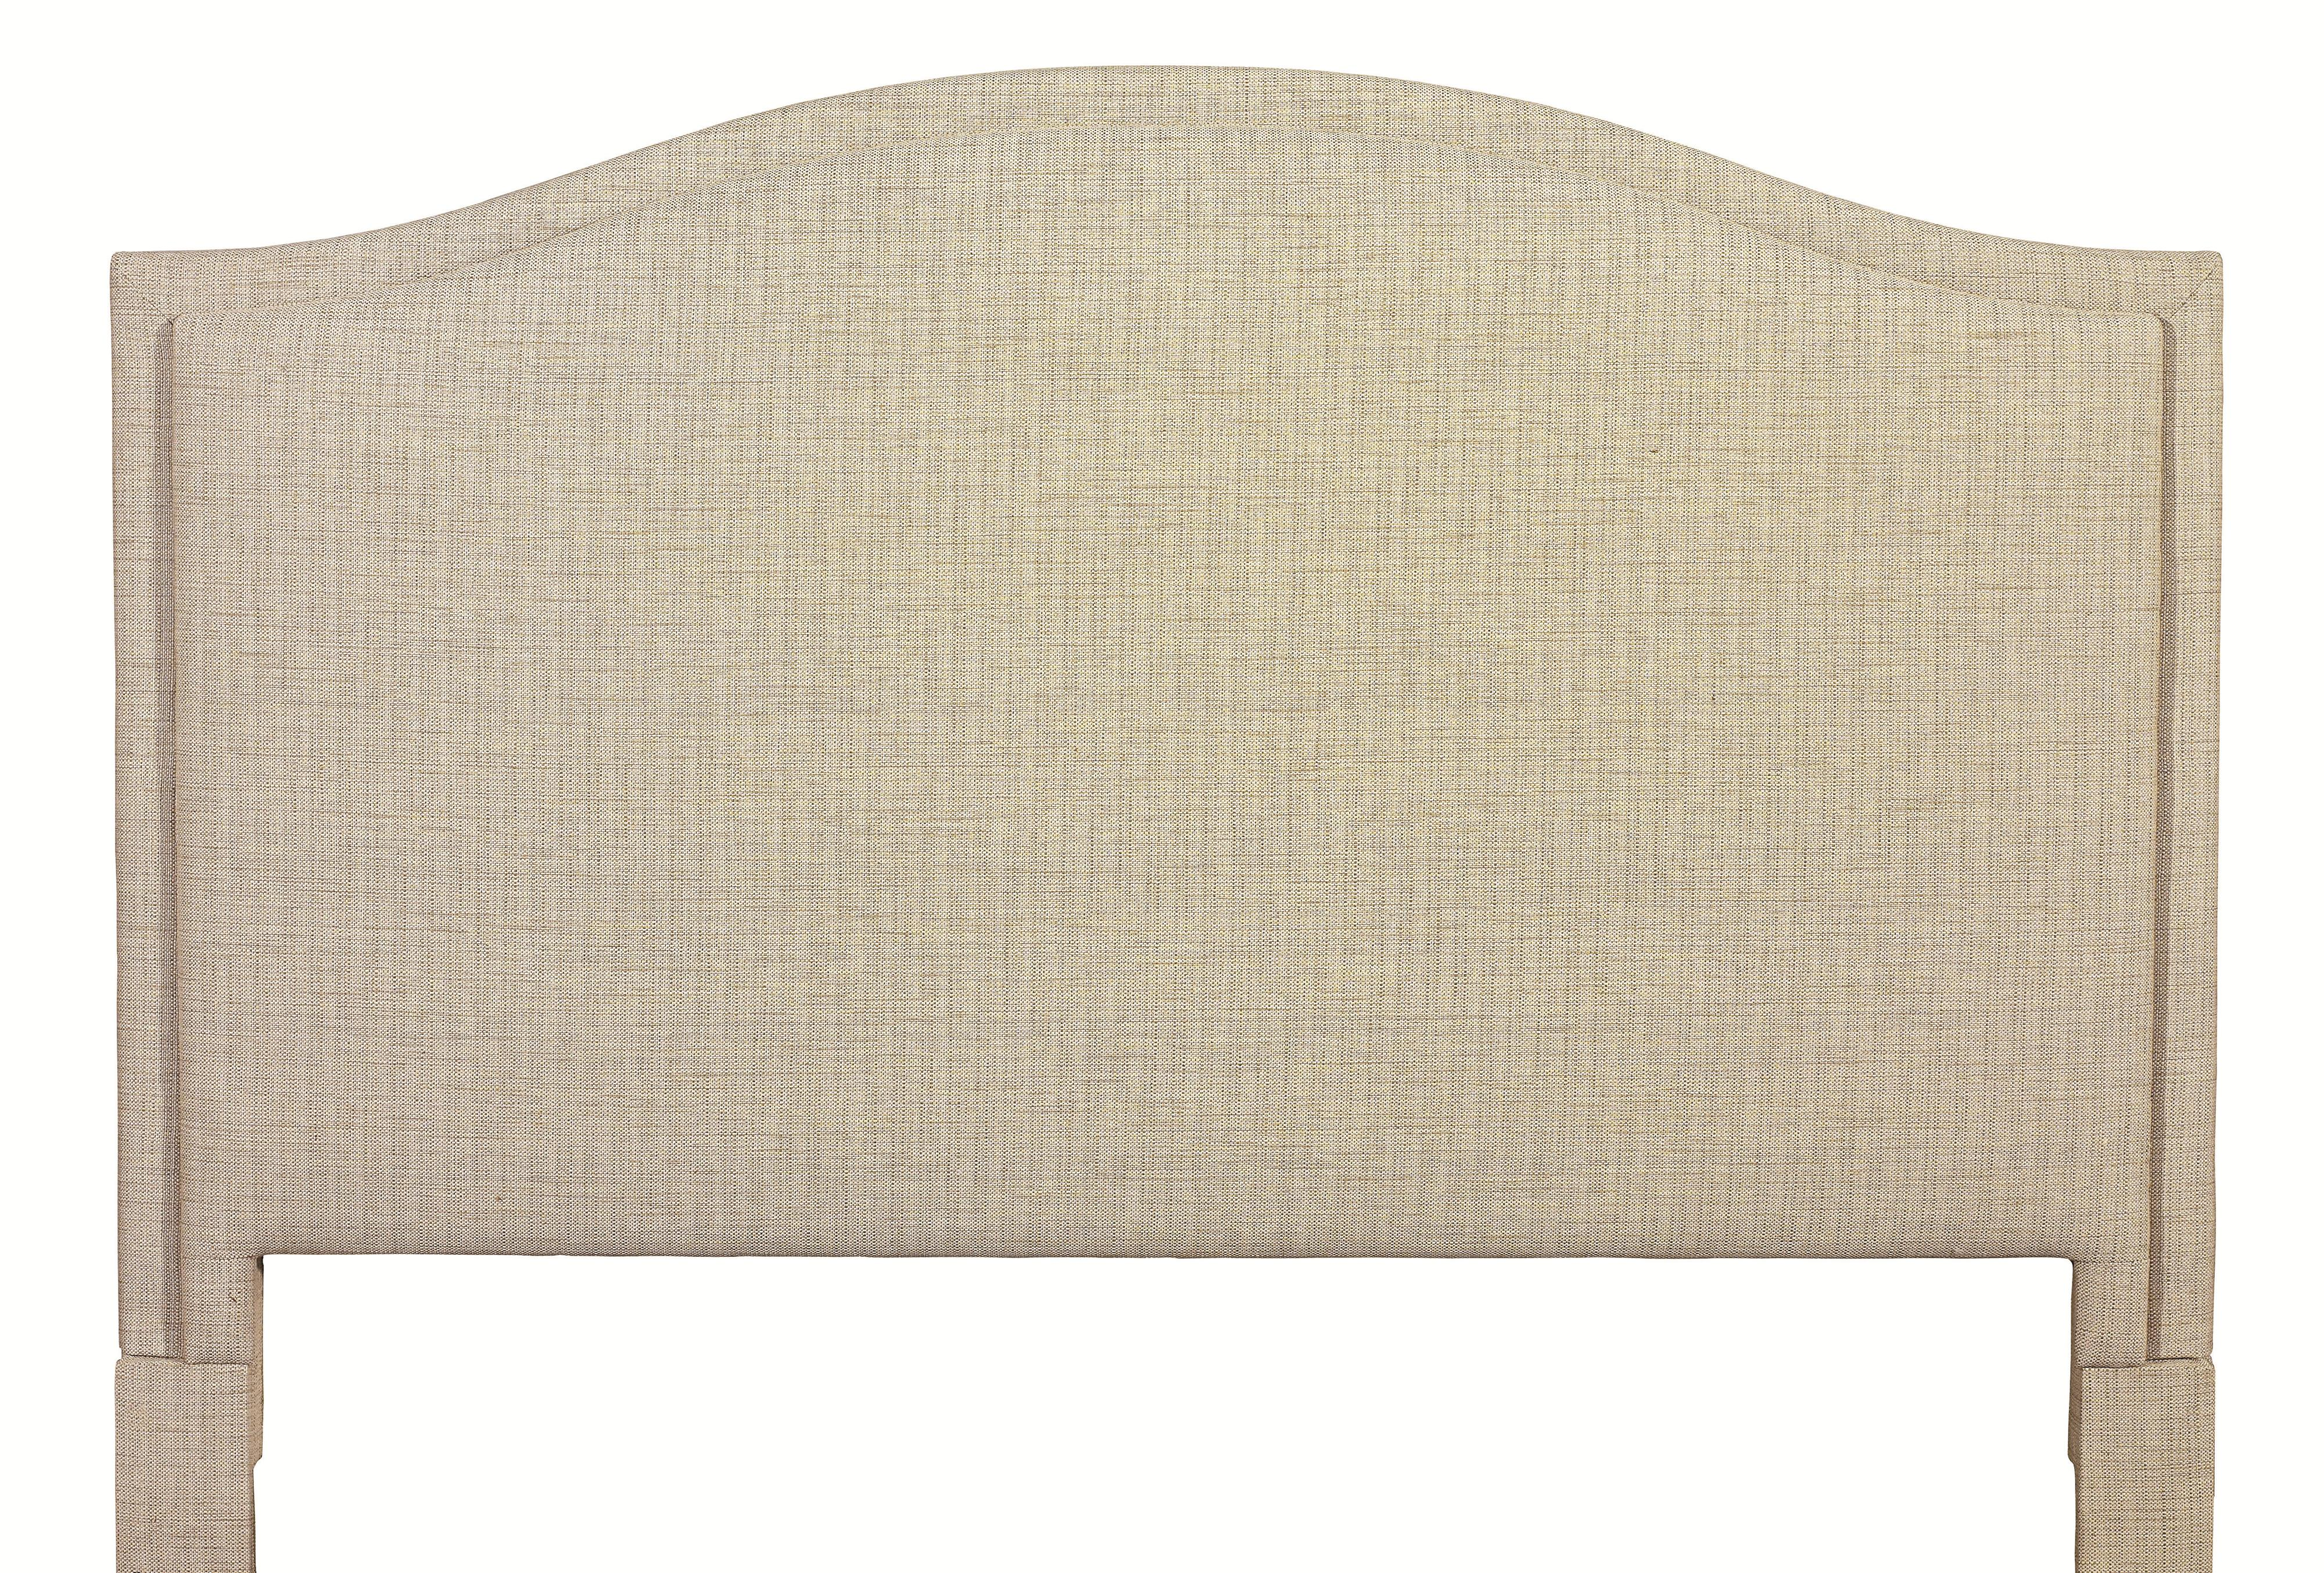 Custom Upholstered Beds King Vienna Upholstered Headboard by Bassett at Bassett of Cool Springs